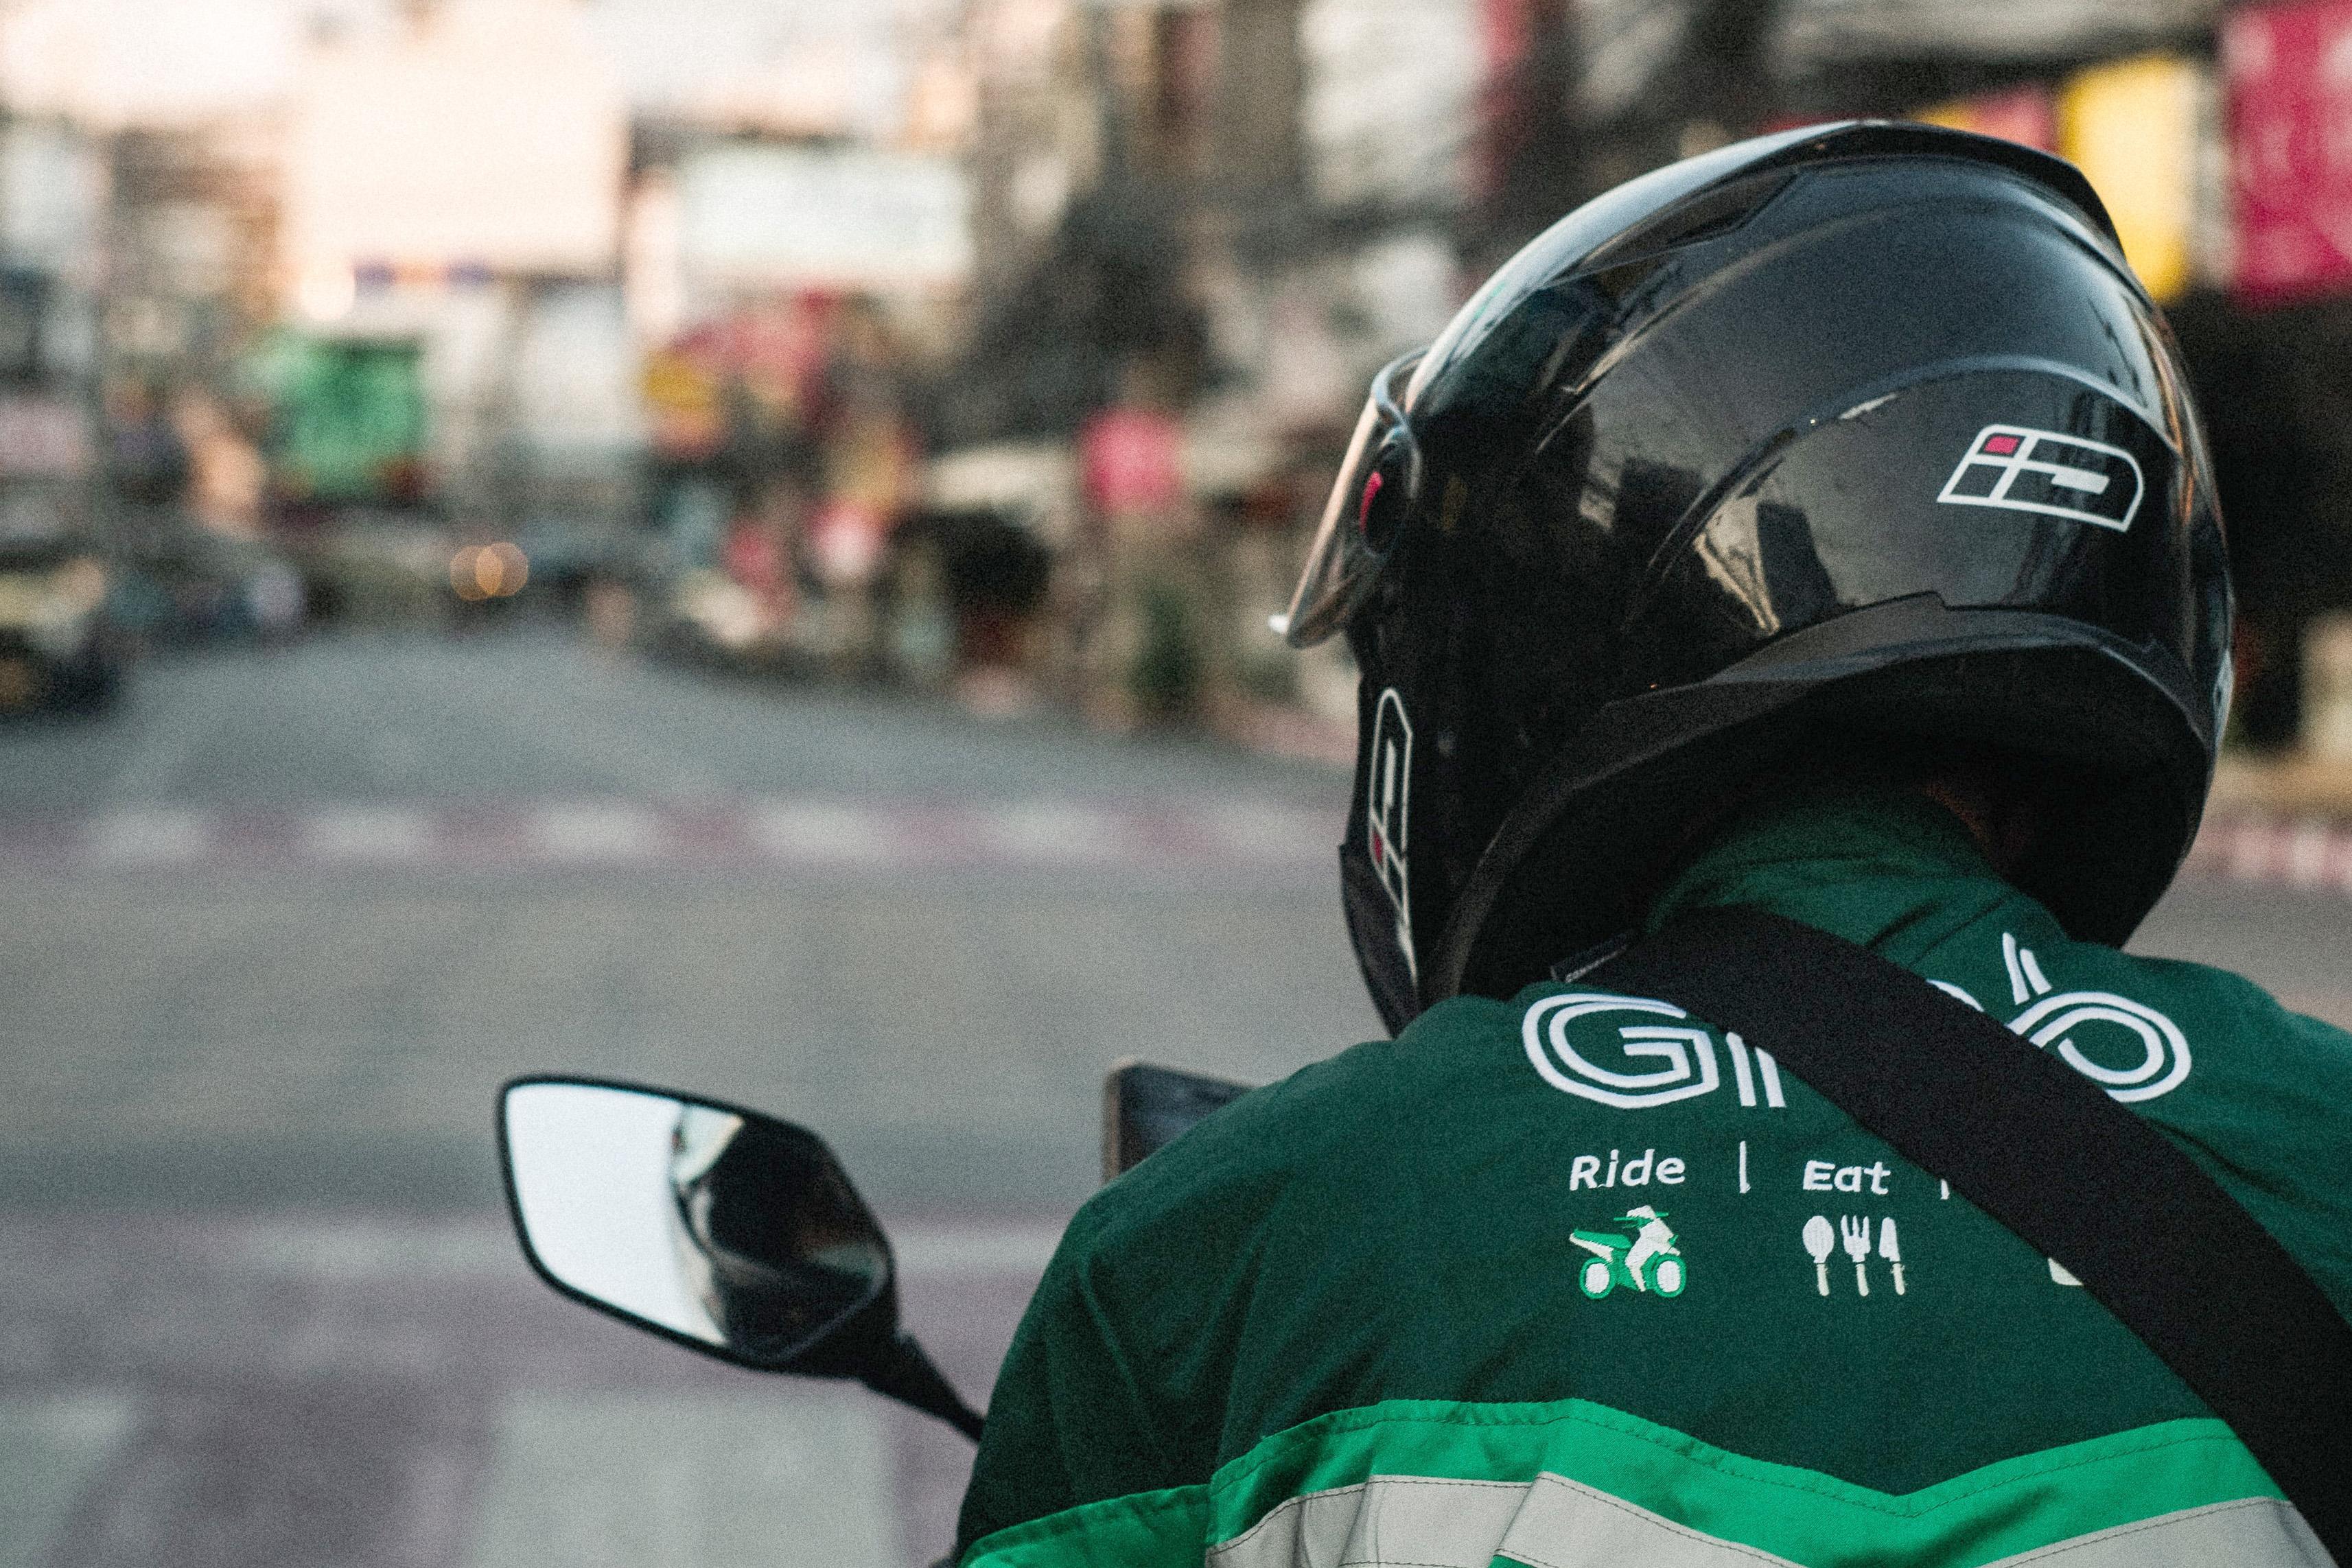 Grab, GrabFood, Grab rider